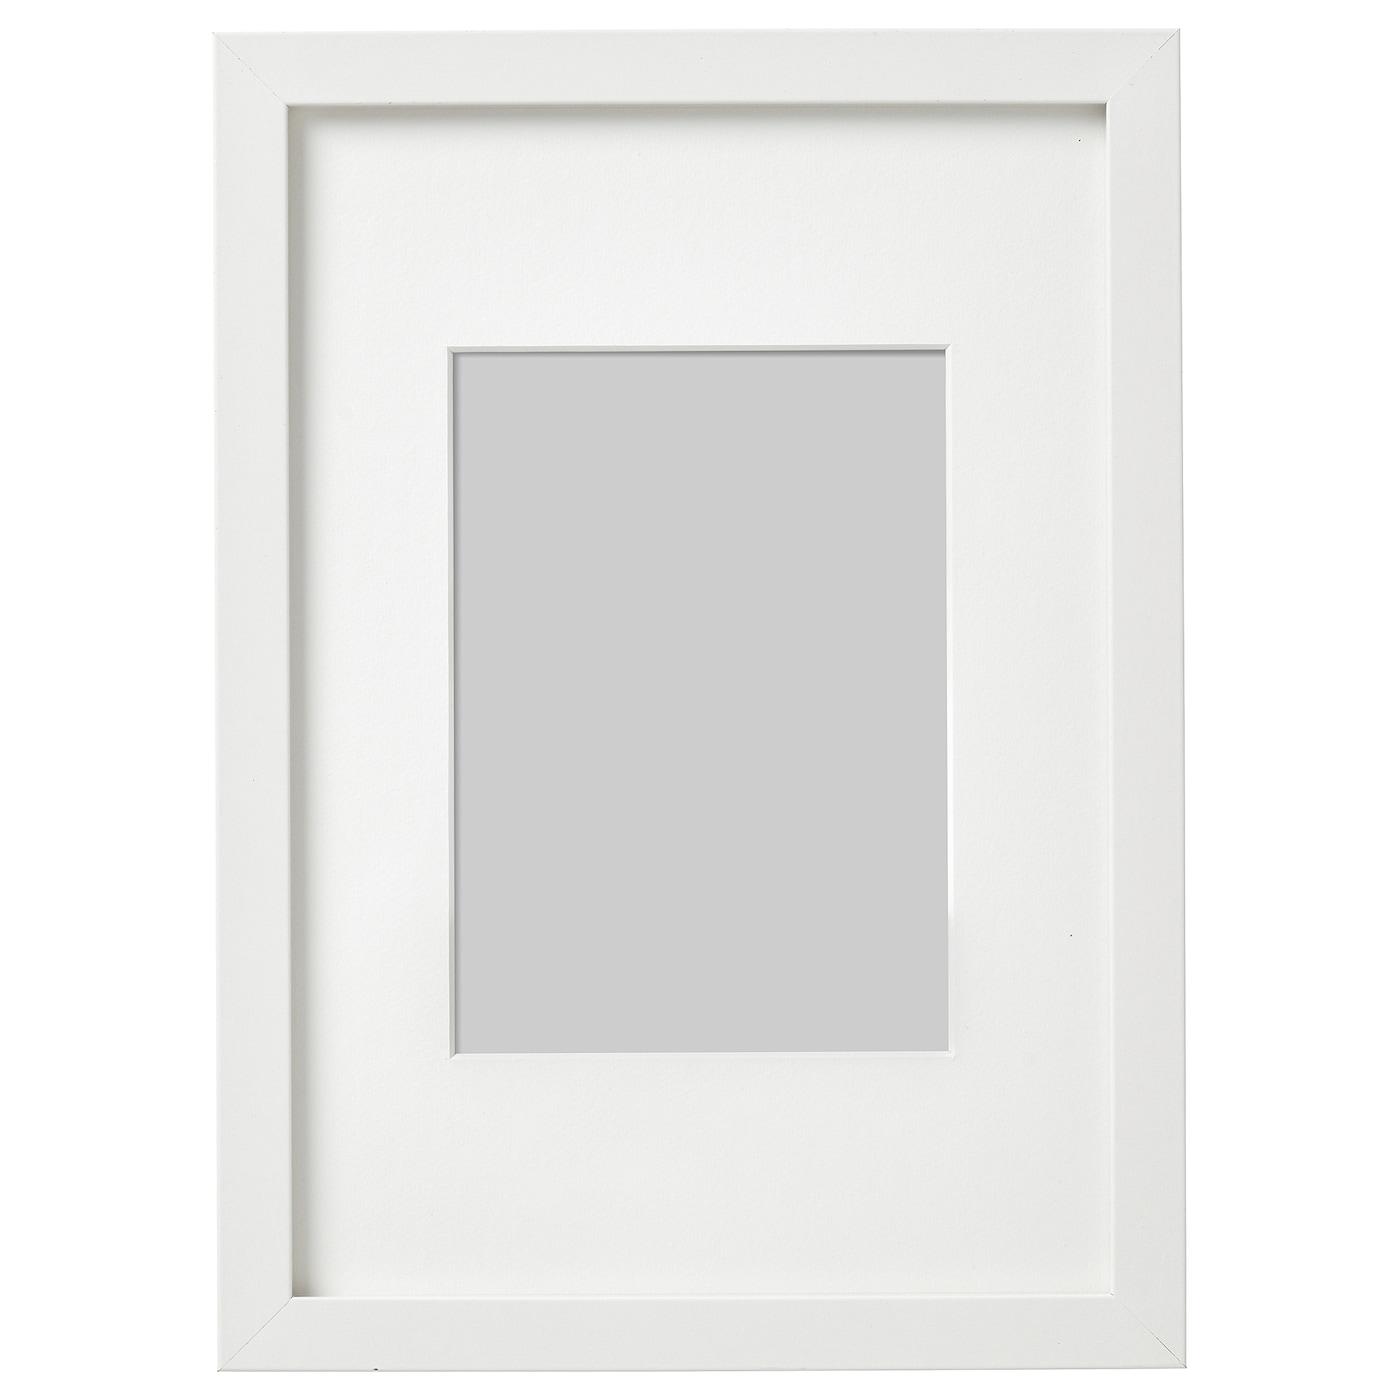 RIBBA - Frame, white